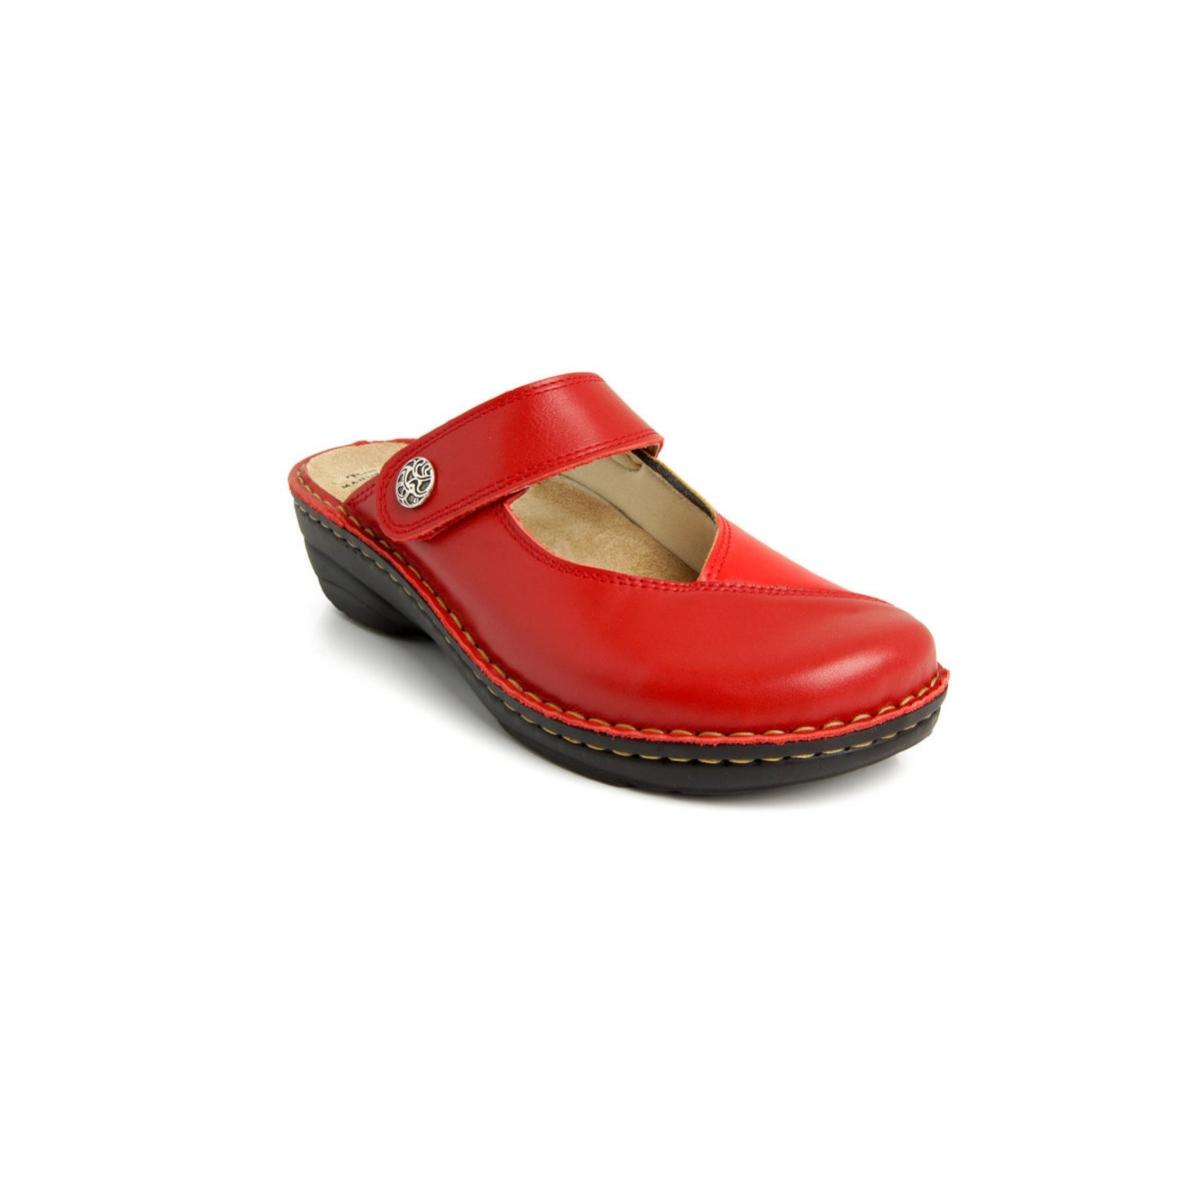 e770e9f8dea0 Dámske kožené červené šľapky BALI - 3